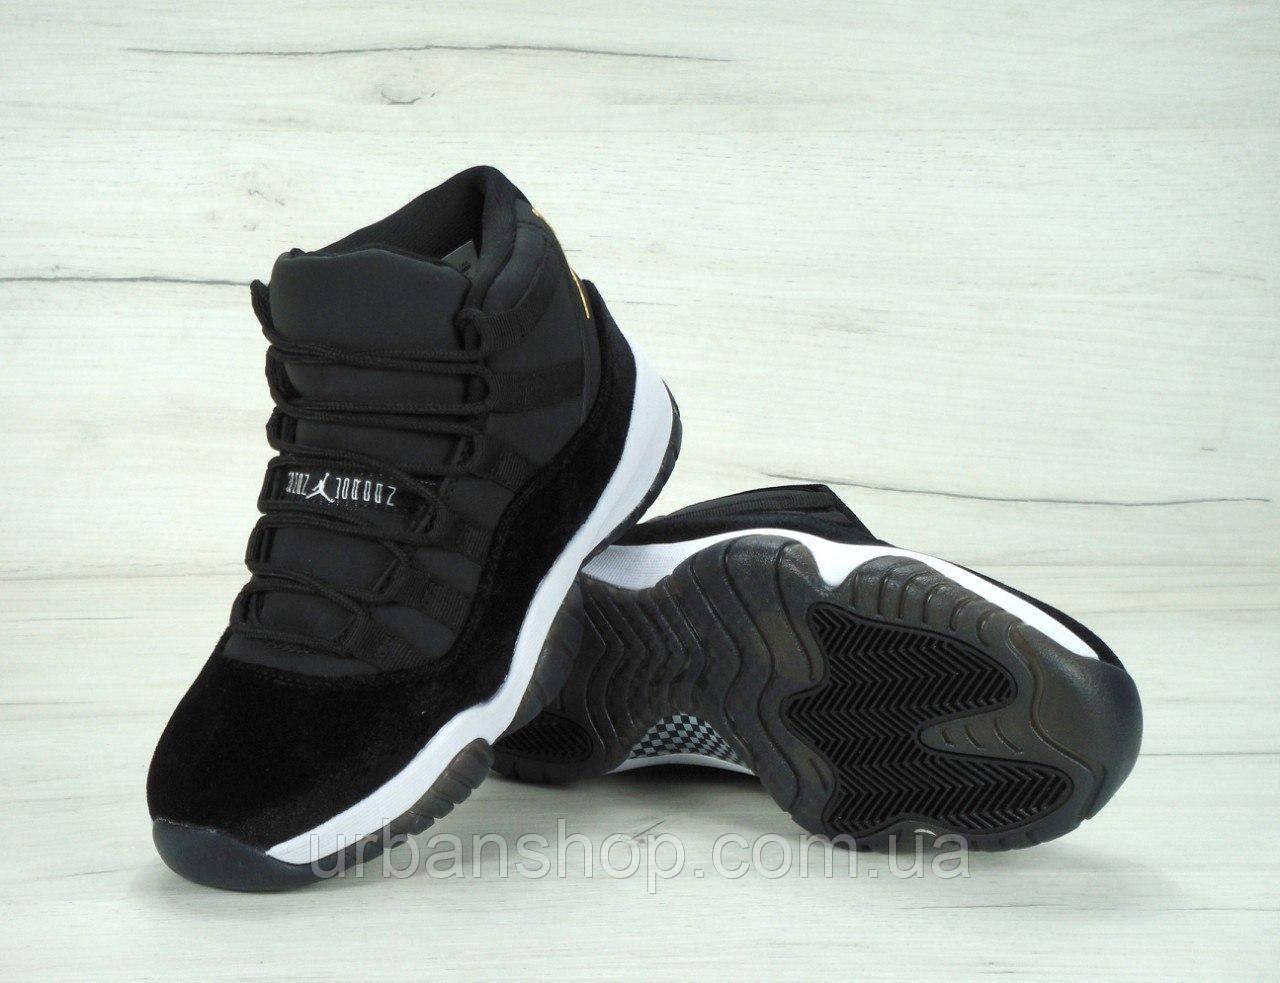 Купить Жіночі баскетбольні кросівки a42e89f9c7036